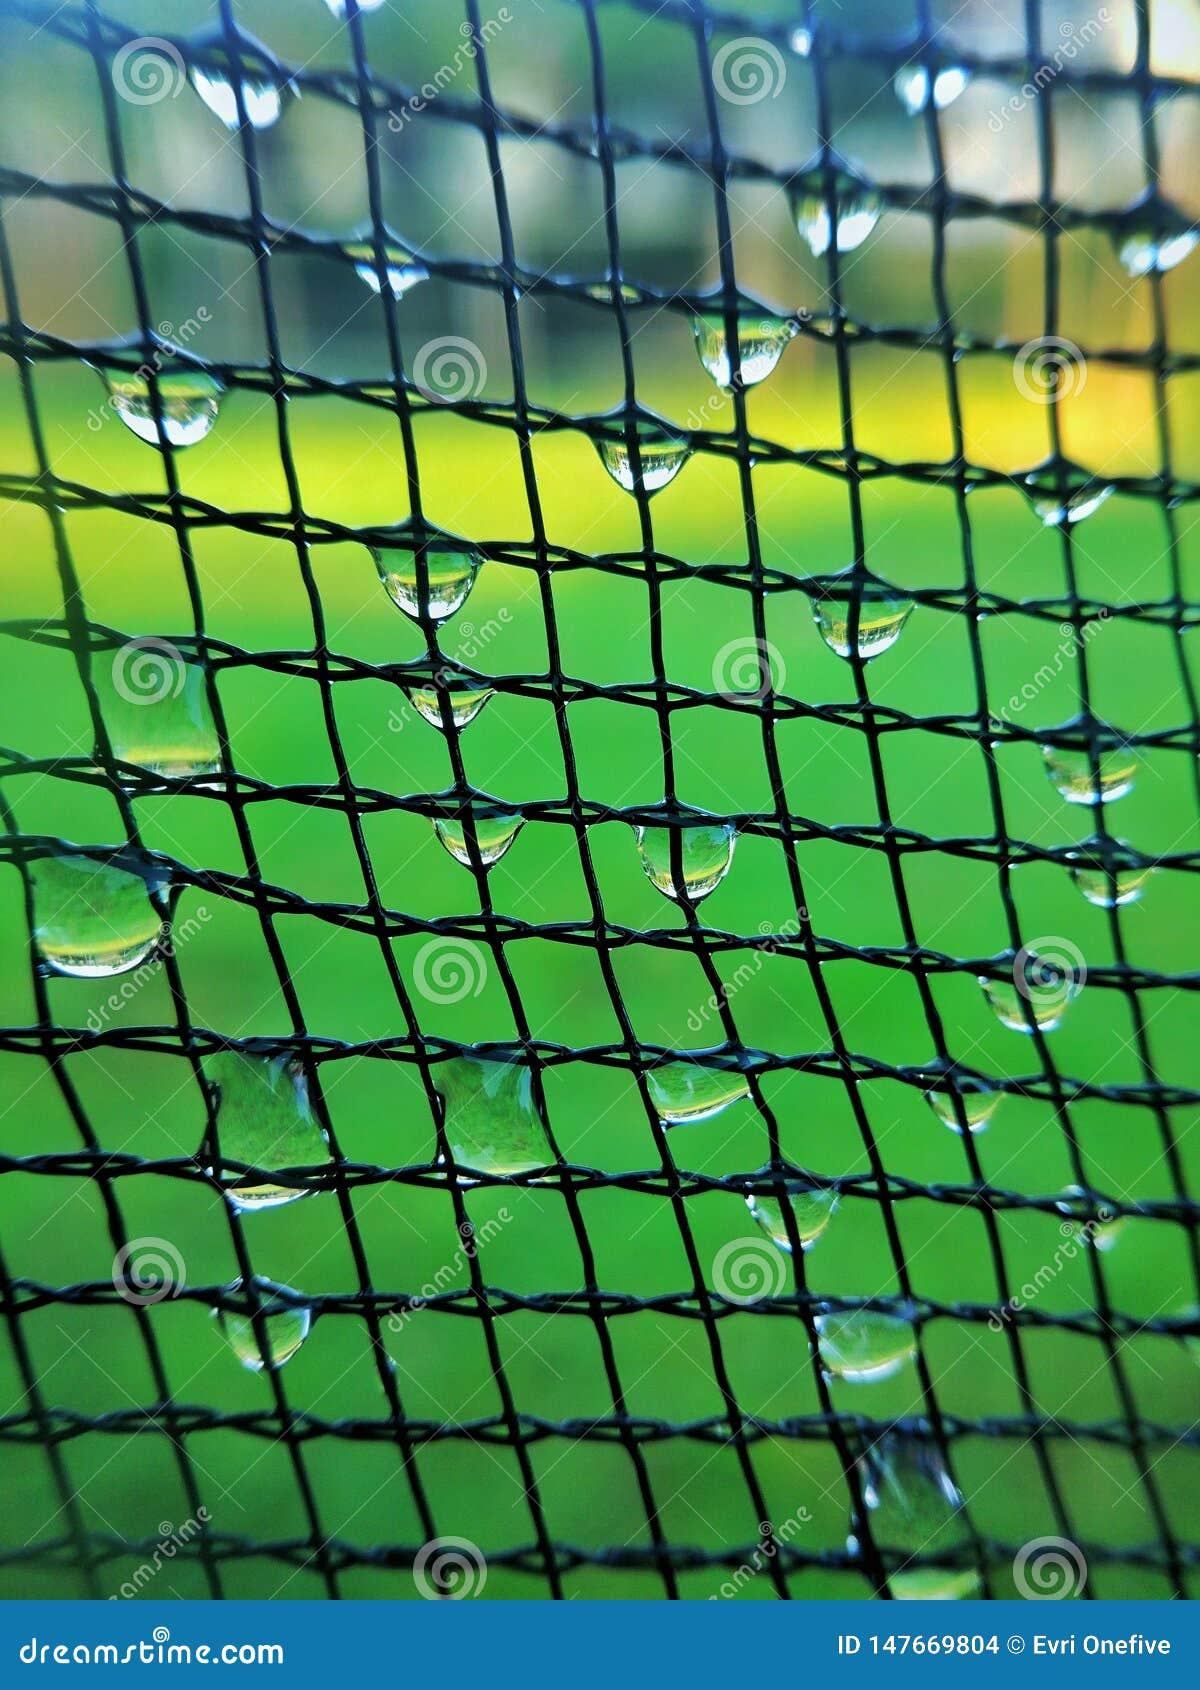 Net pattern with dew drop